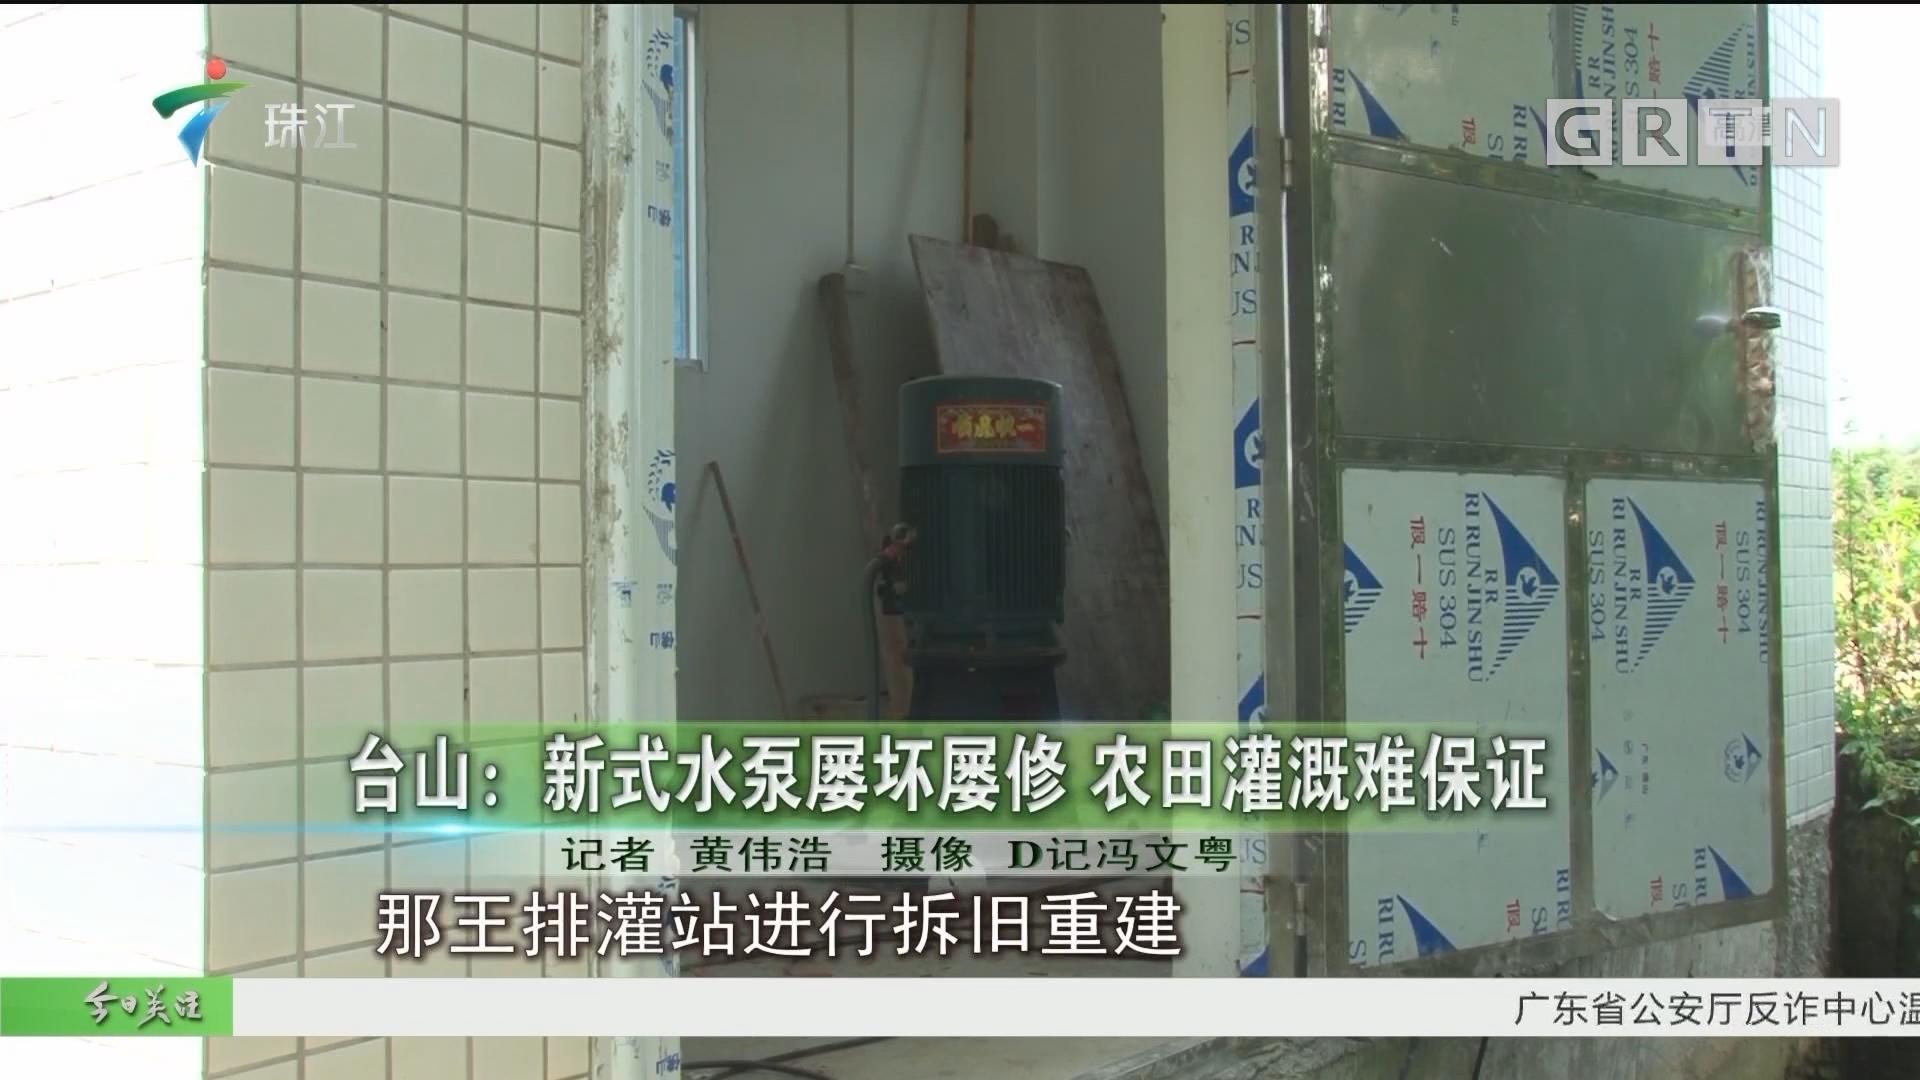 台山:新式水泵屡坏屡修 农田灌溉难保证